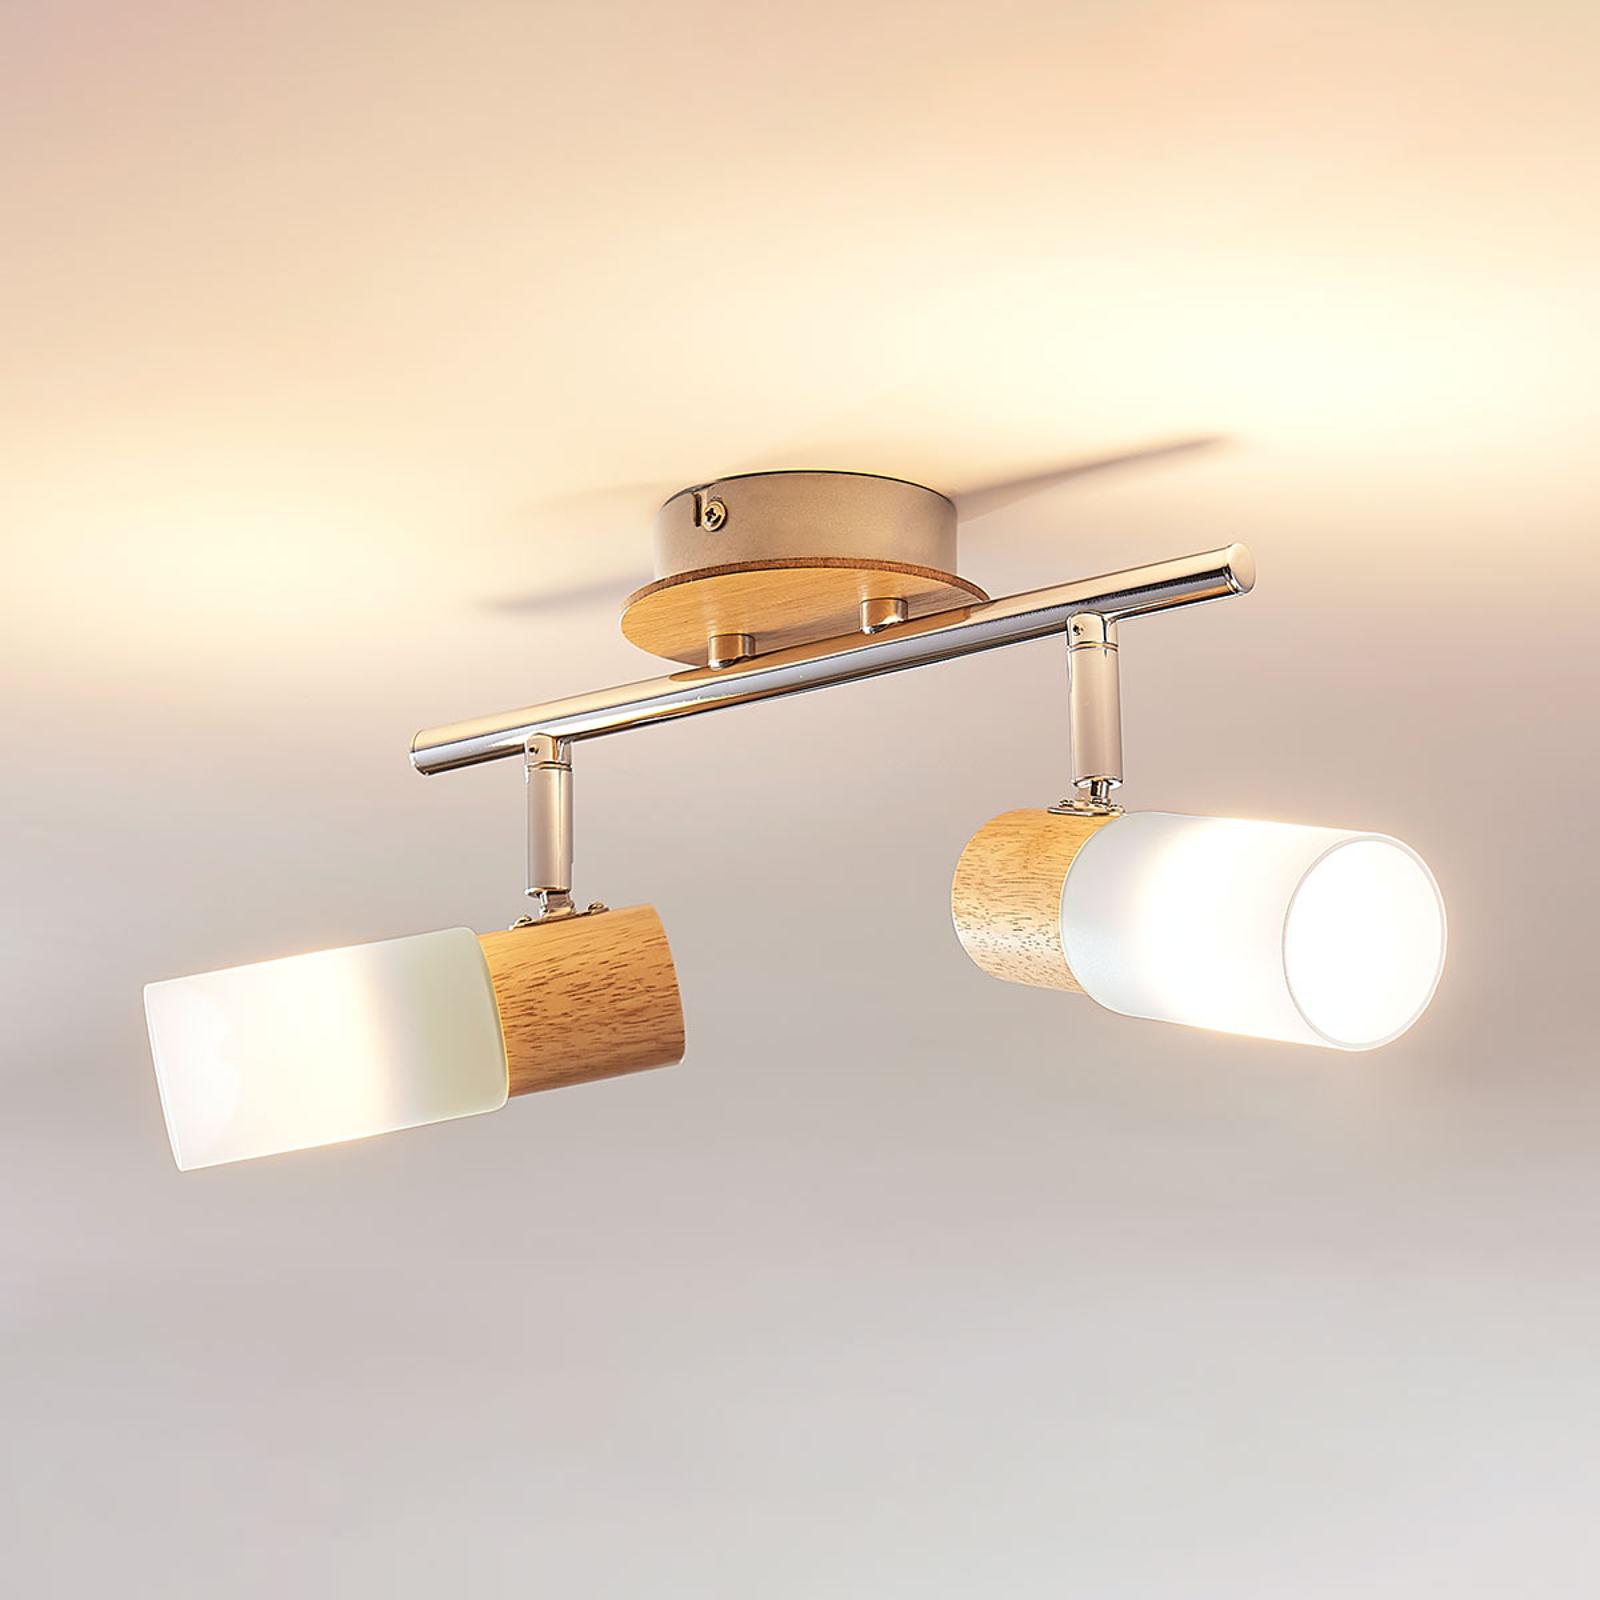 LED-spot Christoph med 2 lyskilder, med tre